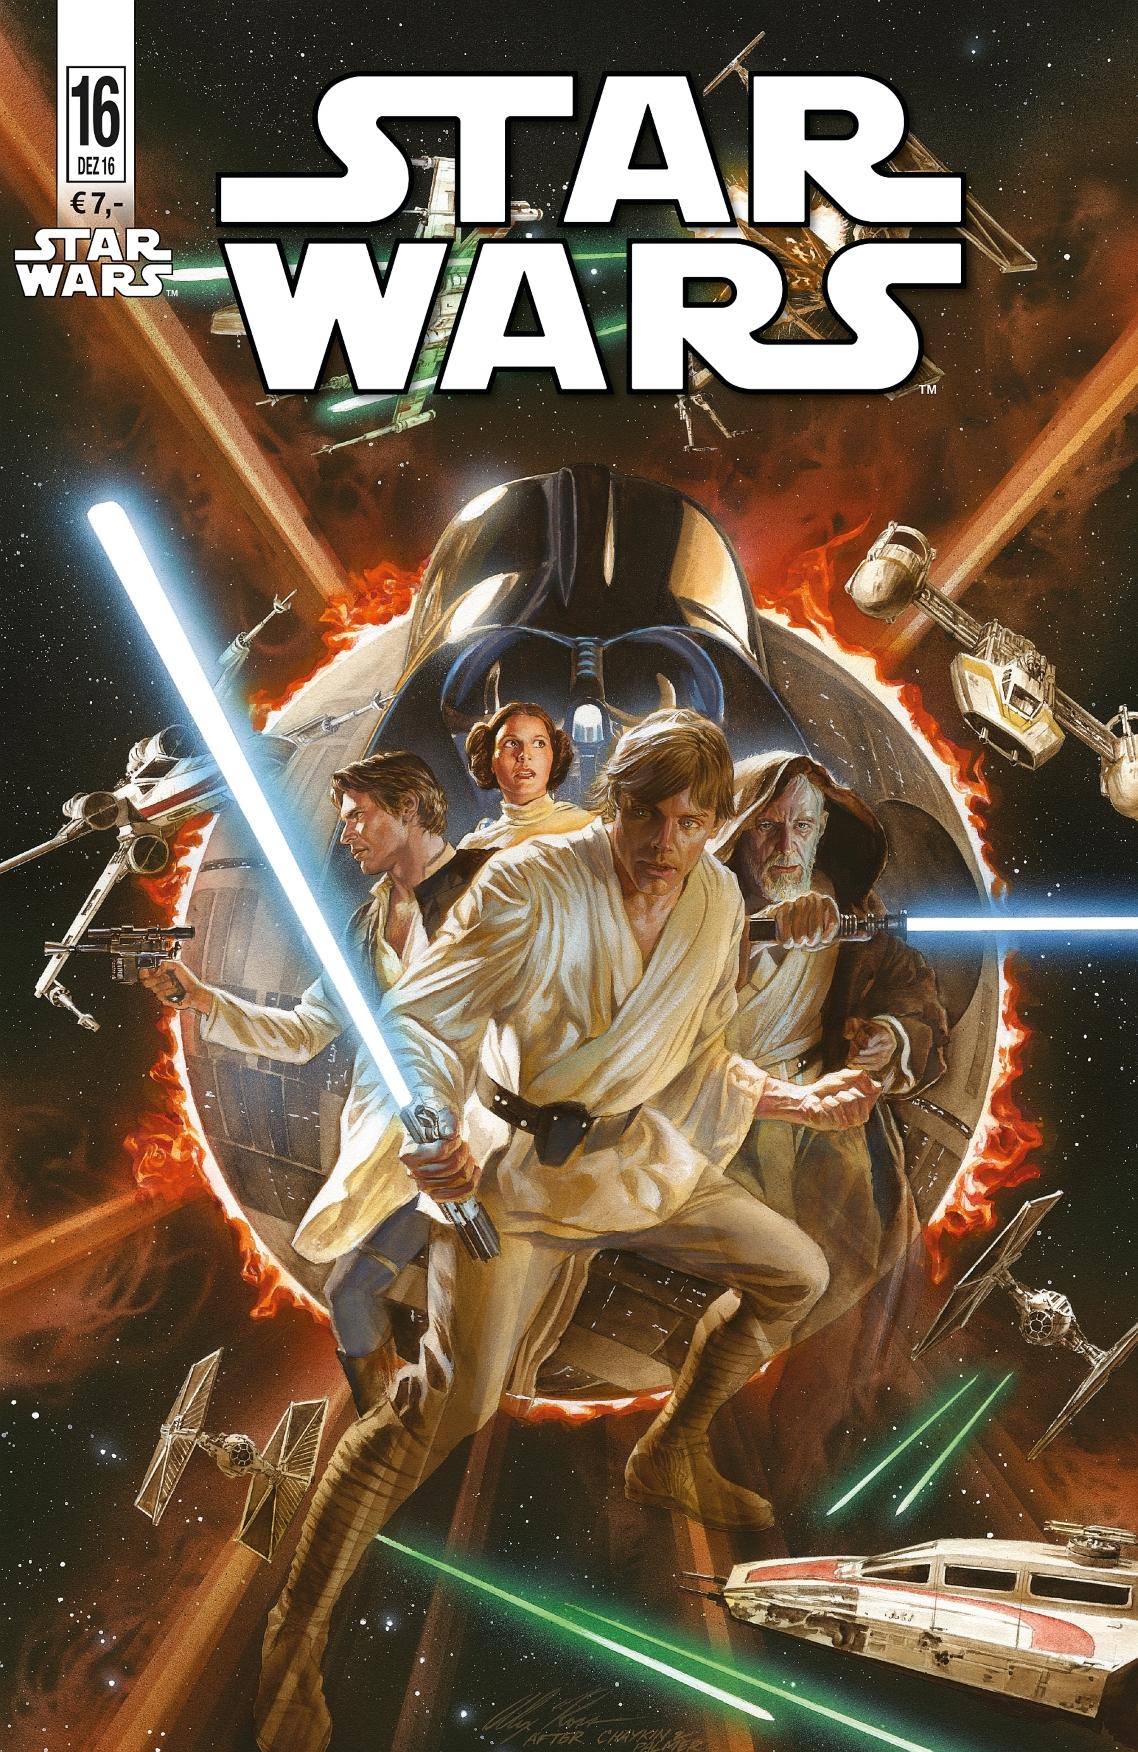 Star Wars #16 (Alex Ross Blu-box Variantcover) (23.11.2016)